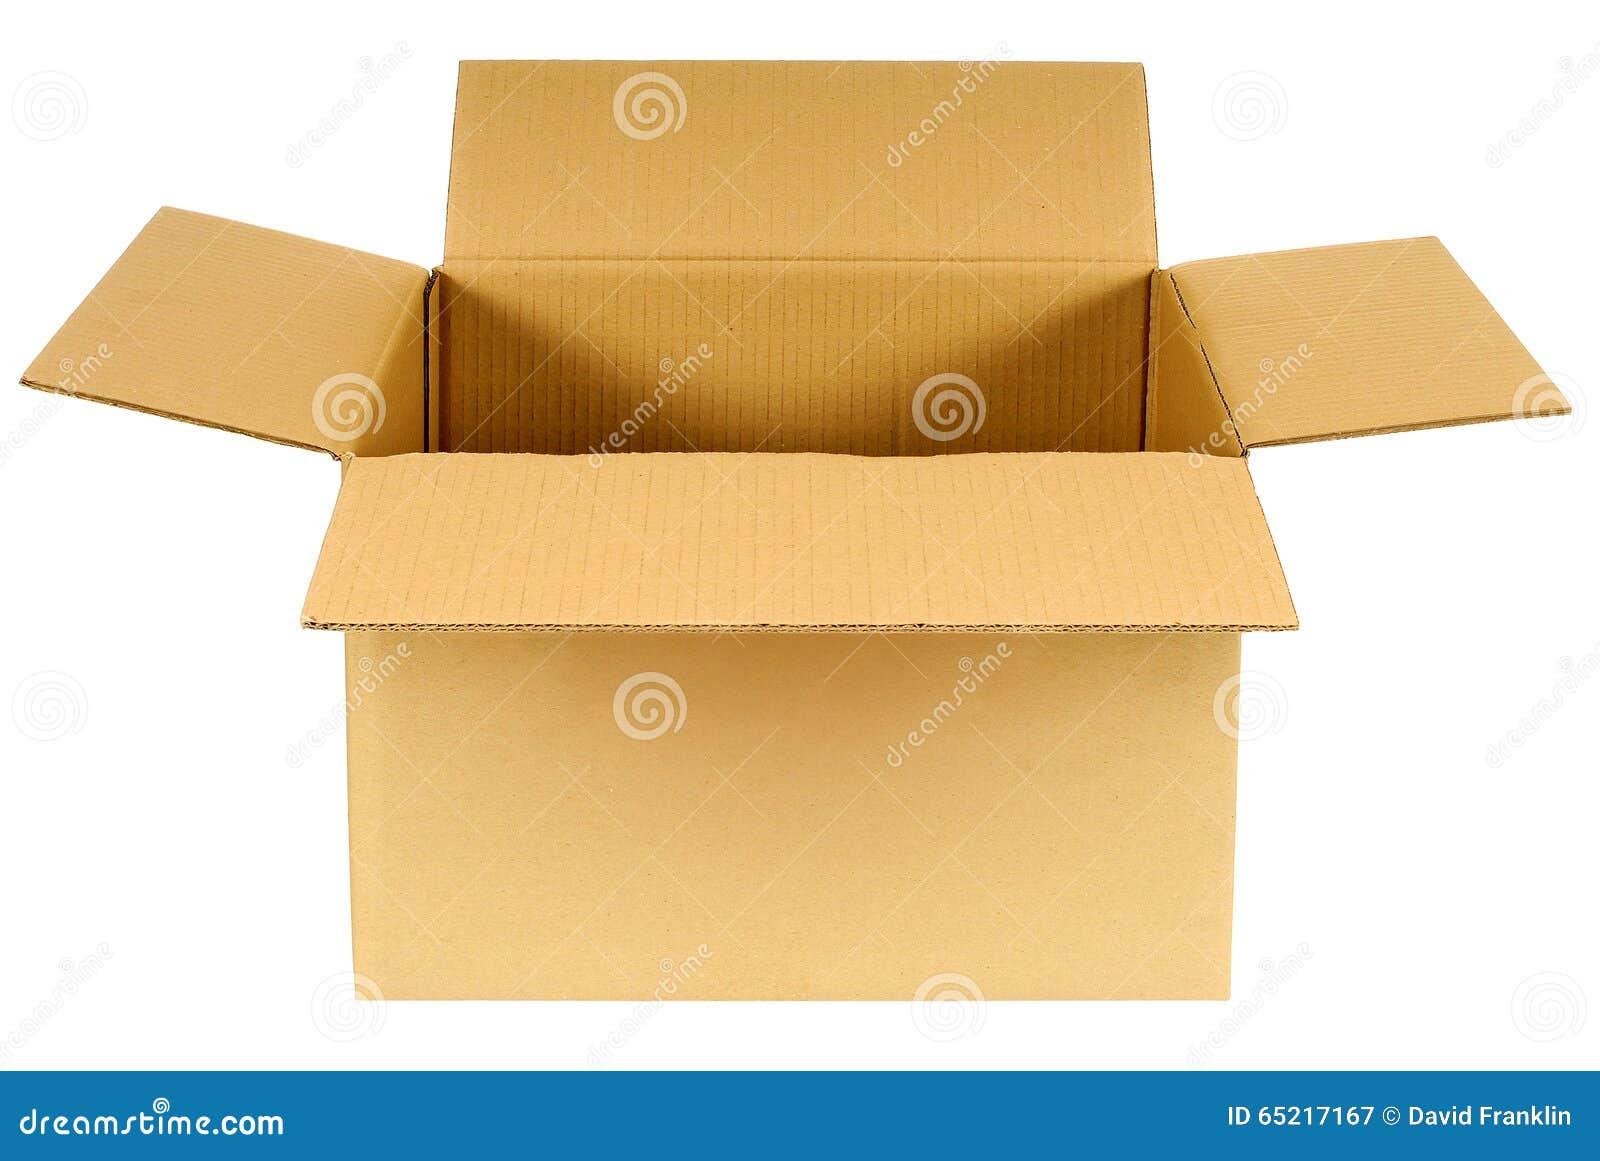 bo te bo te en carton vide brune simple ouverte d 39 isolement sur le fond blanc image stock. Black Bedroom Furniture Sets. Home Design Ideas